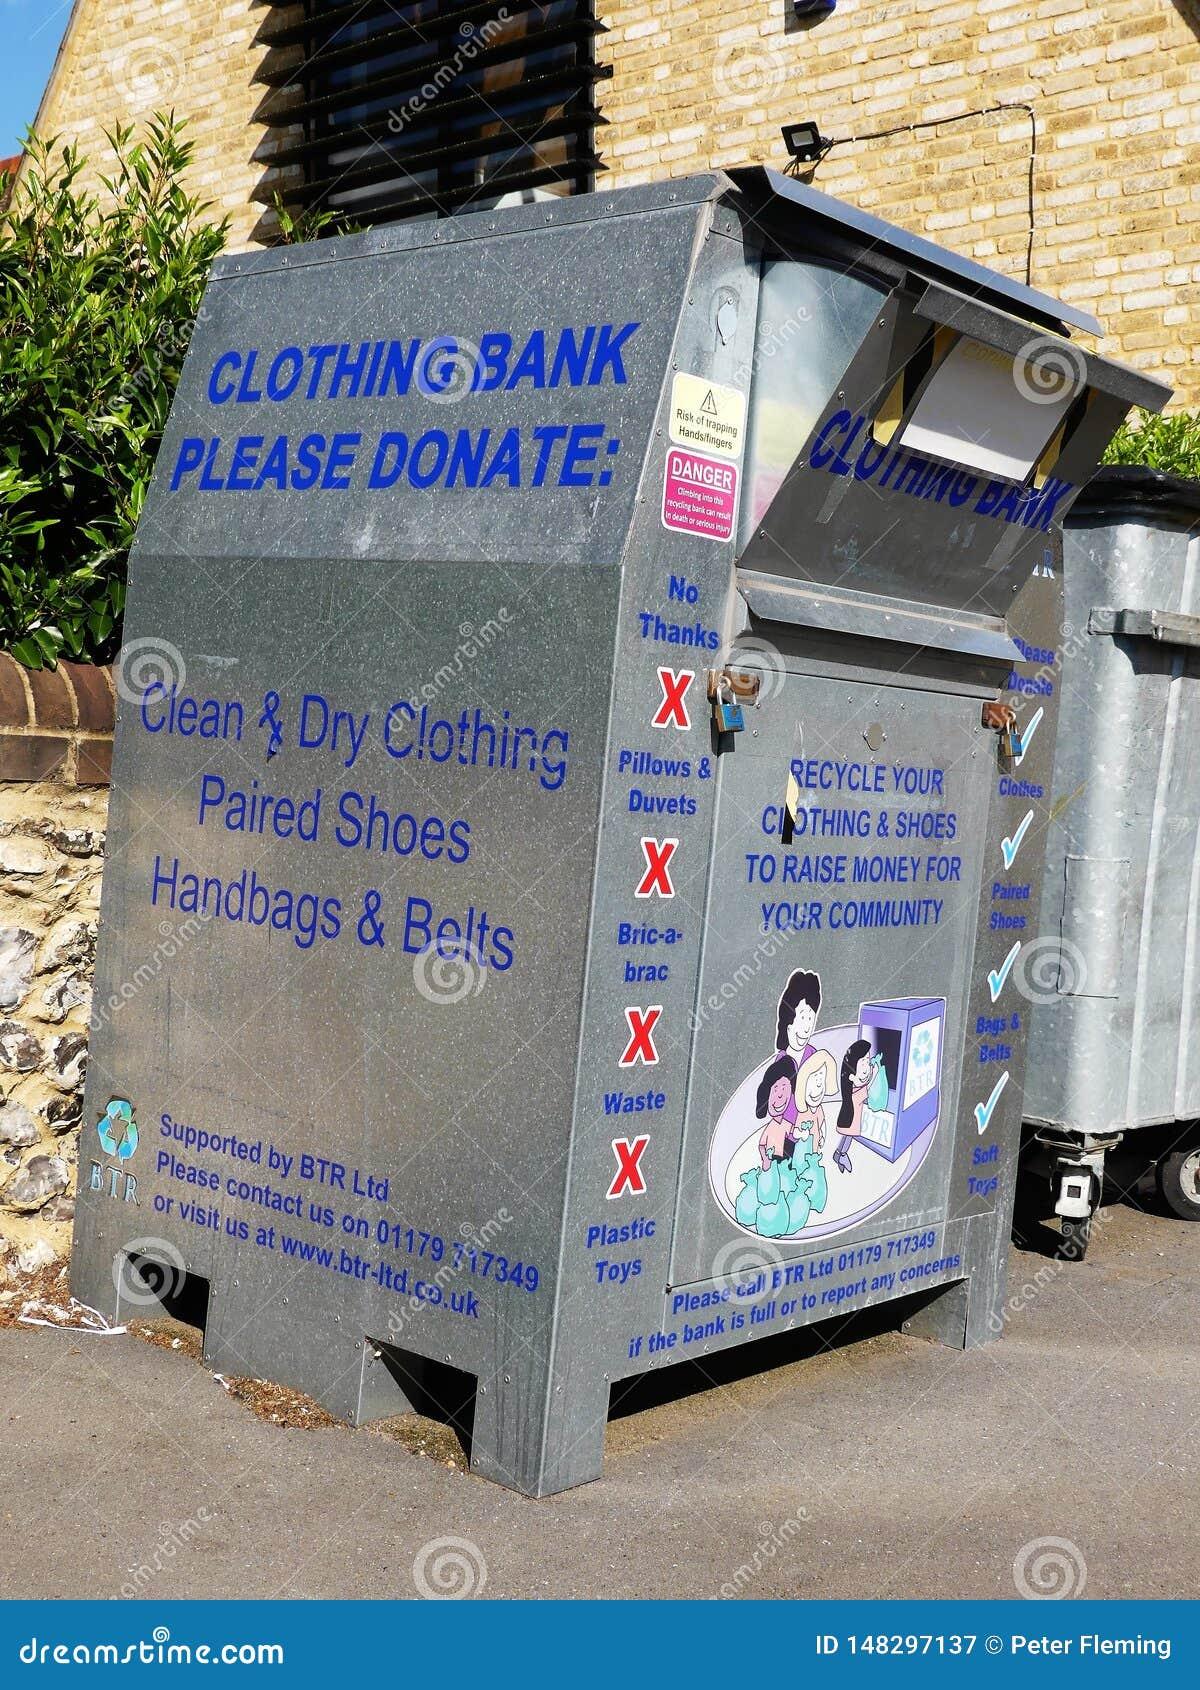 Banca dell abbigliamento per le donazioni di abbigliamento, delle scarpe, delle borse e delle cinghie